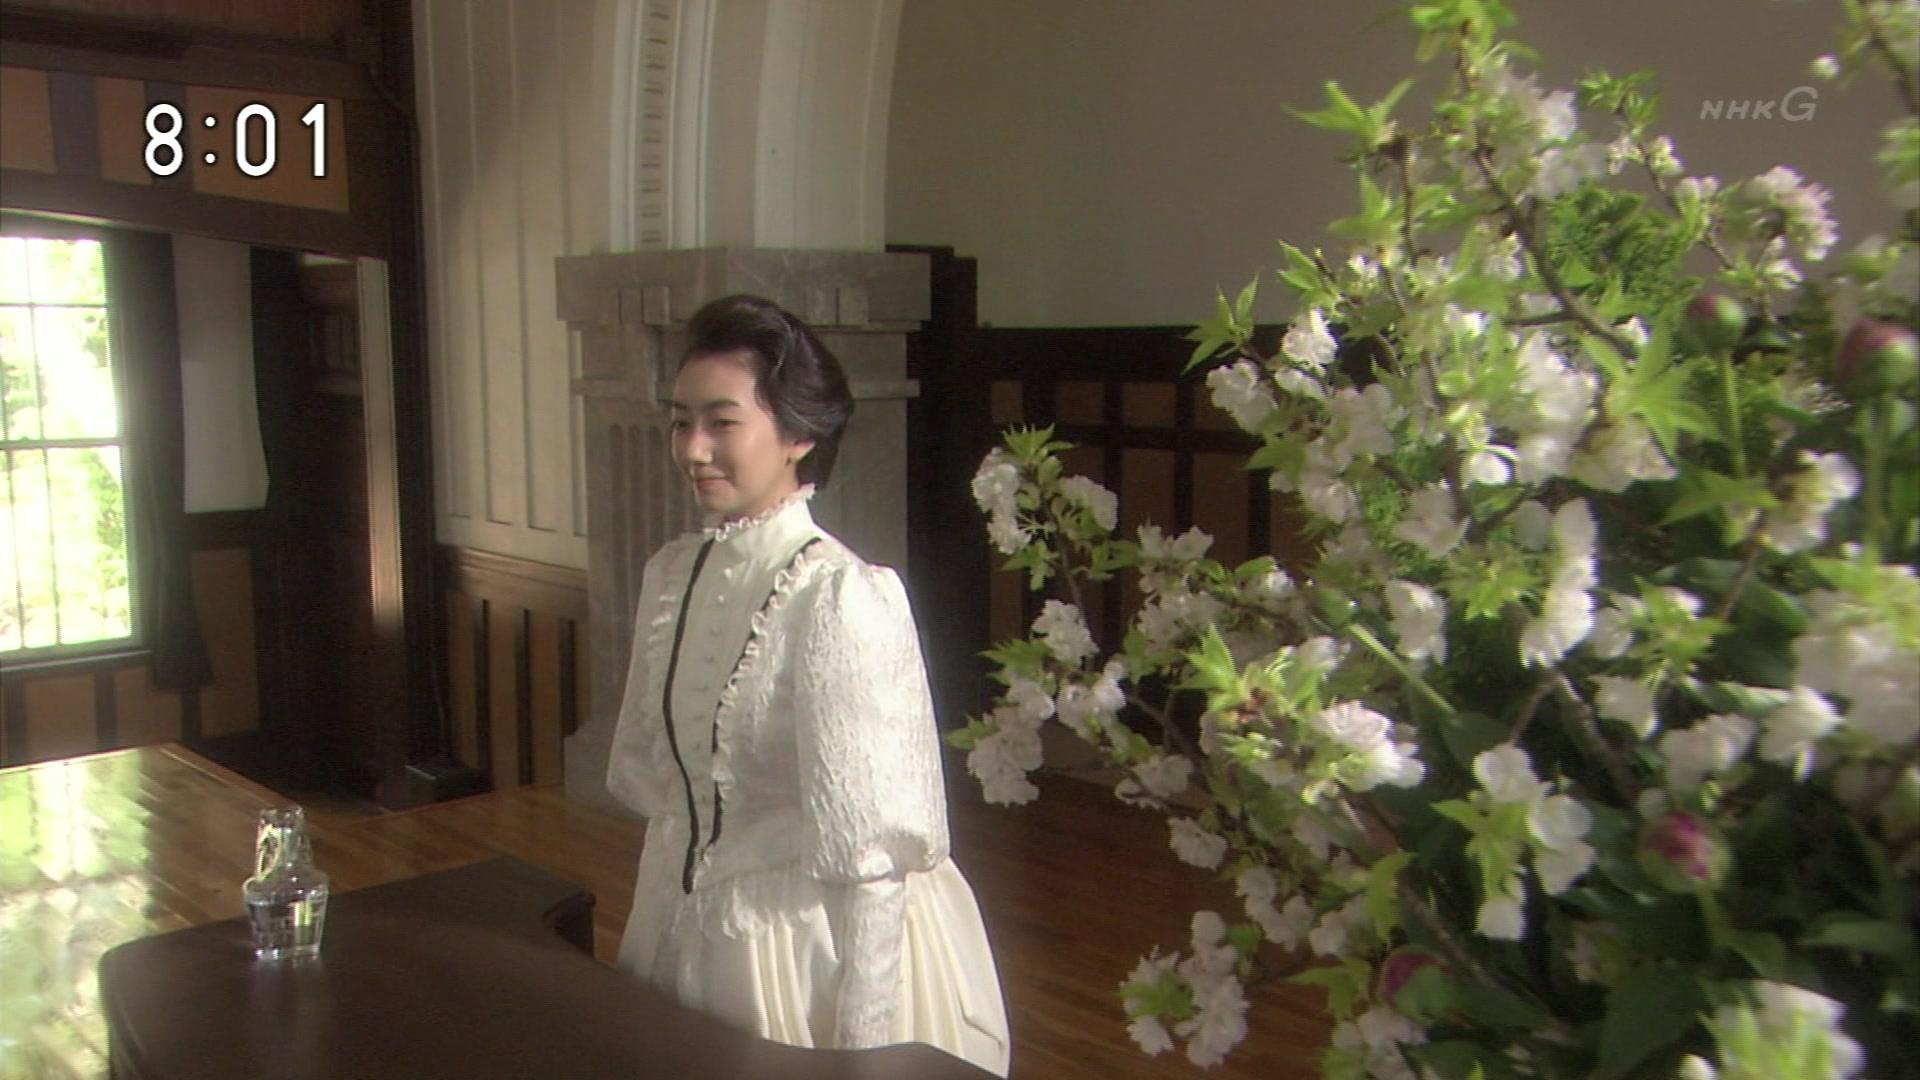 2015-09-28 08:00 連続テレビ小説 あさが来た(1)「小さな許嫁(いいなずけ)」 02683